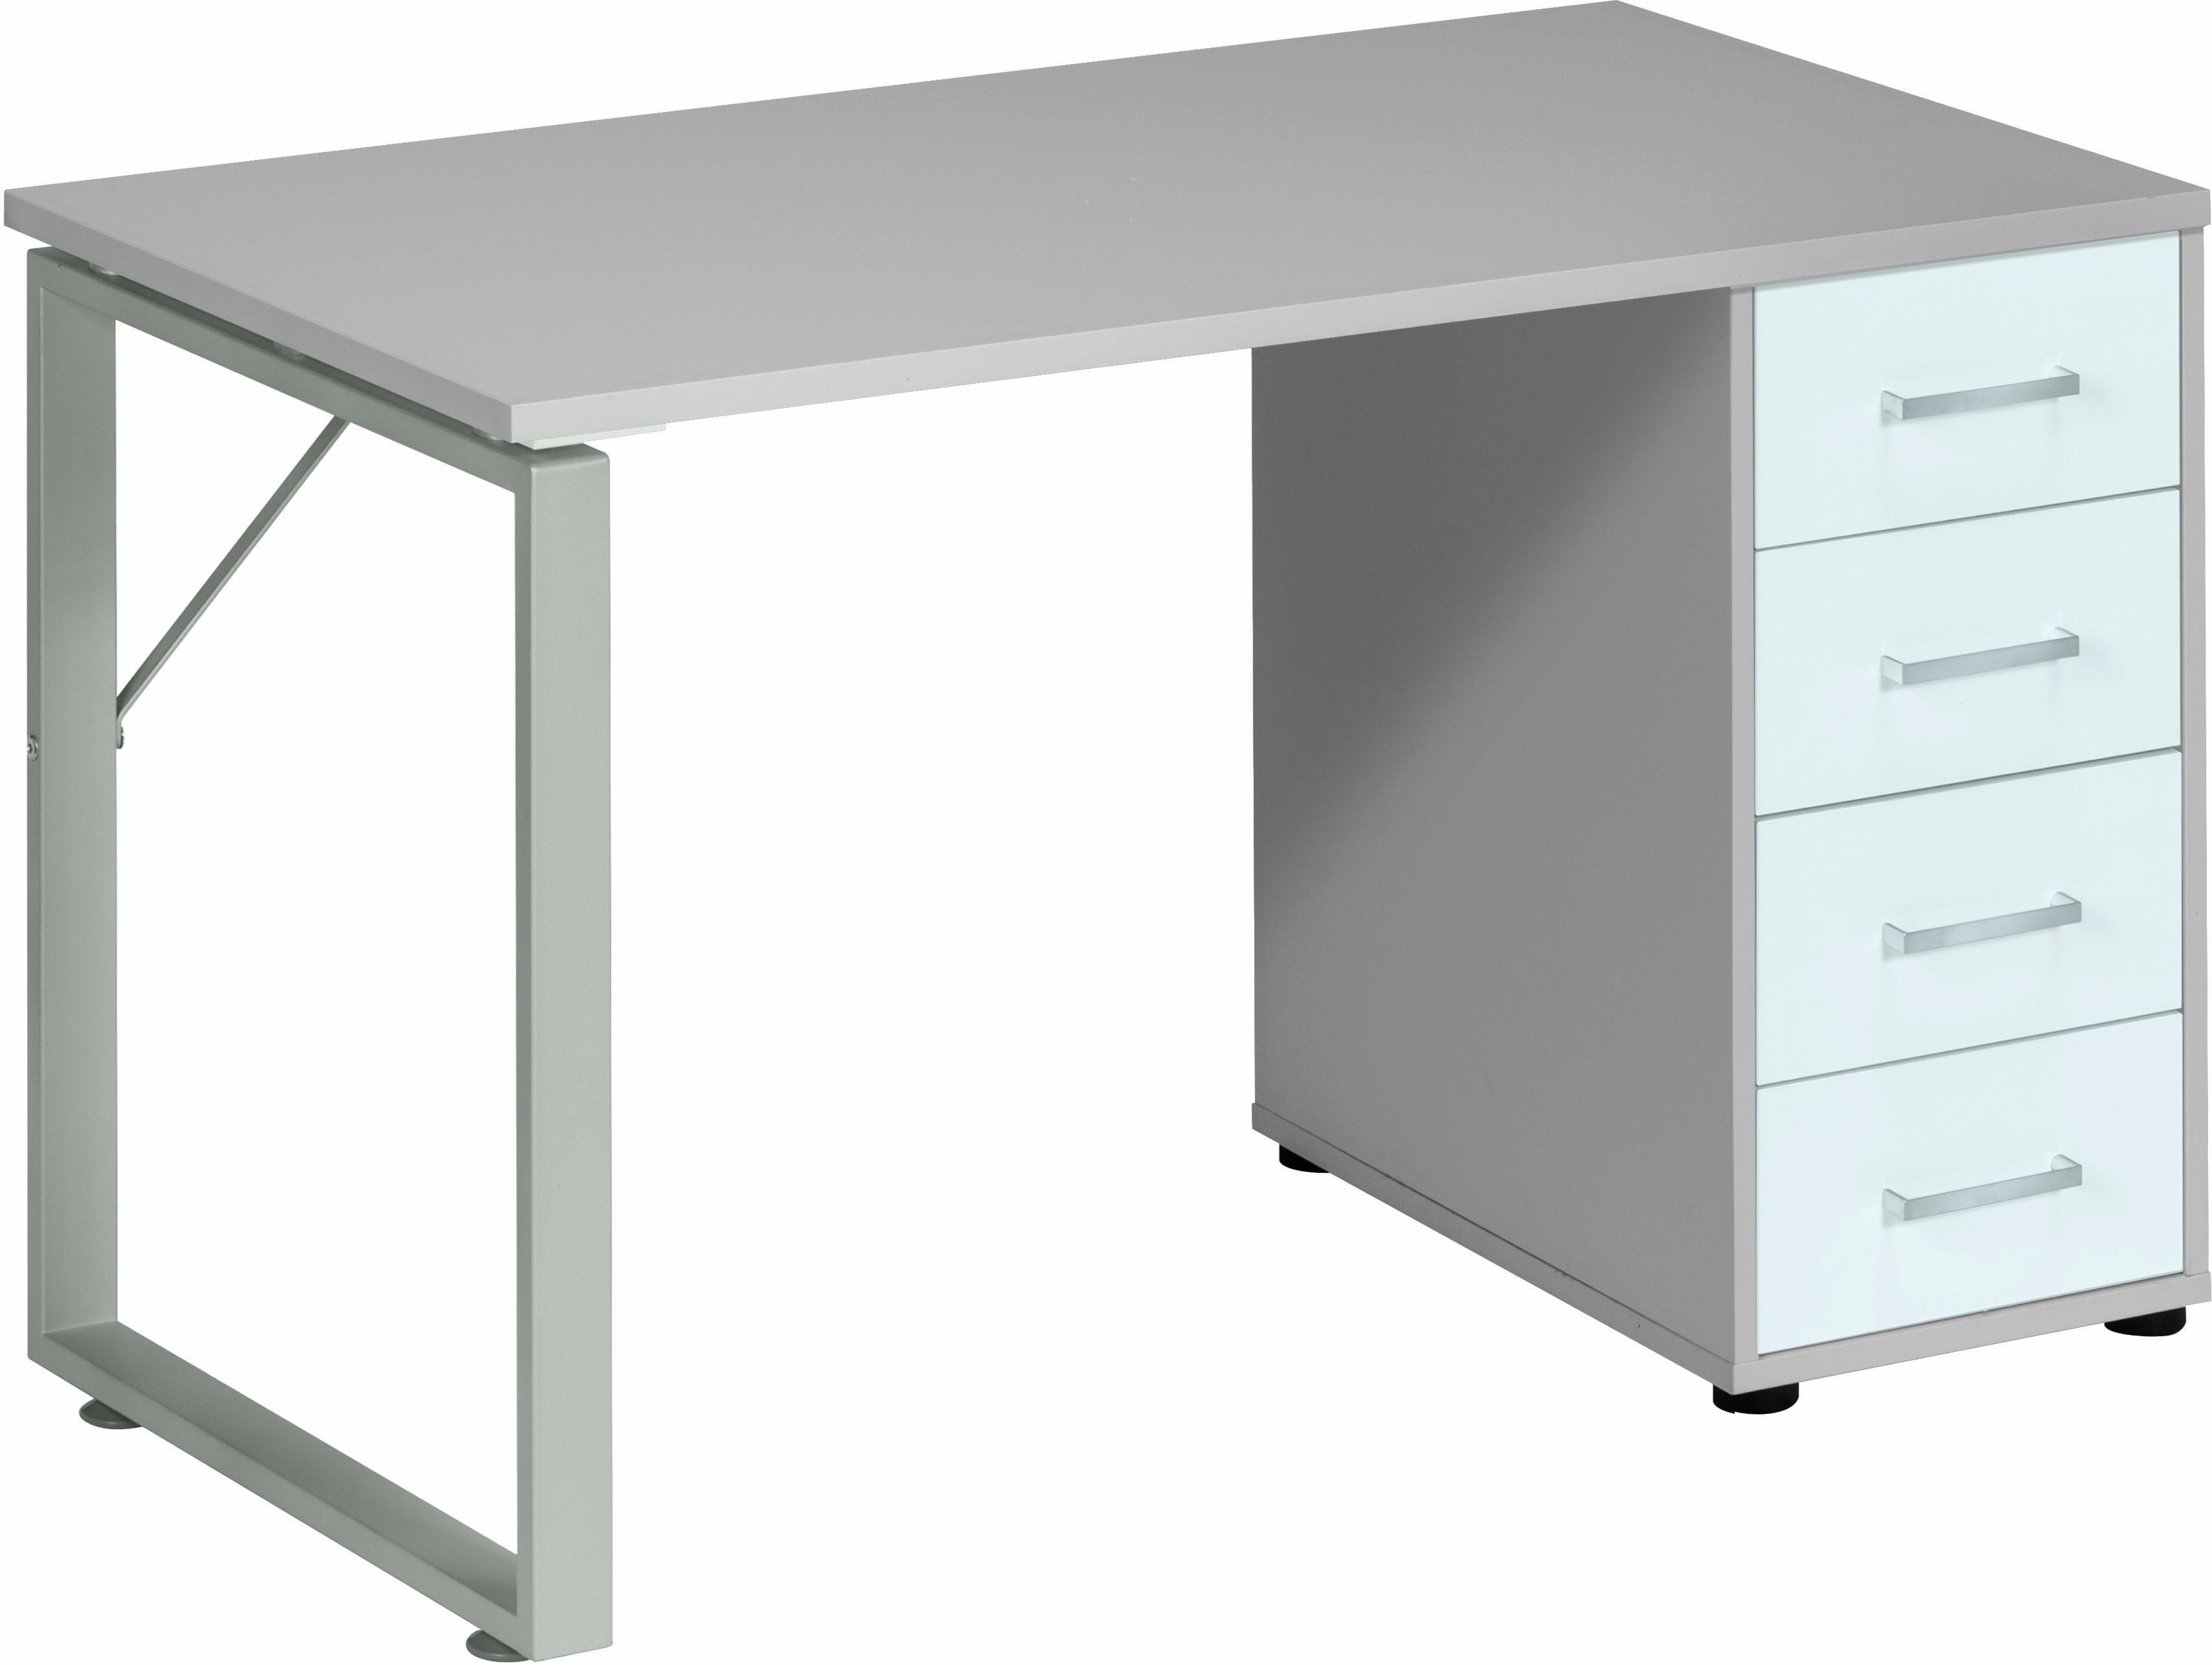 Maja Möbel Schreibtisch »Magic 1544« | Büro > Bürotische > Schreibtische | Weiß | Metall - Abs - Melamin | Maja Möbel